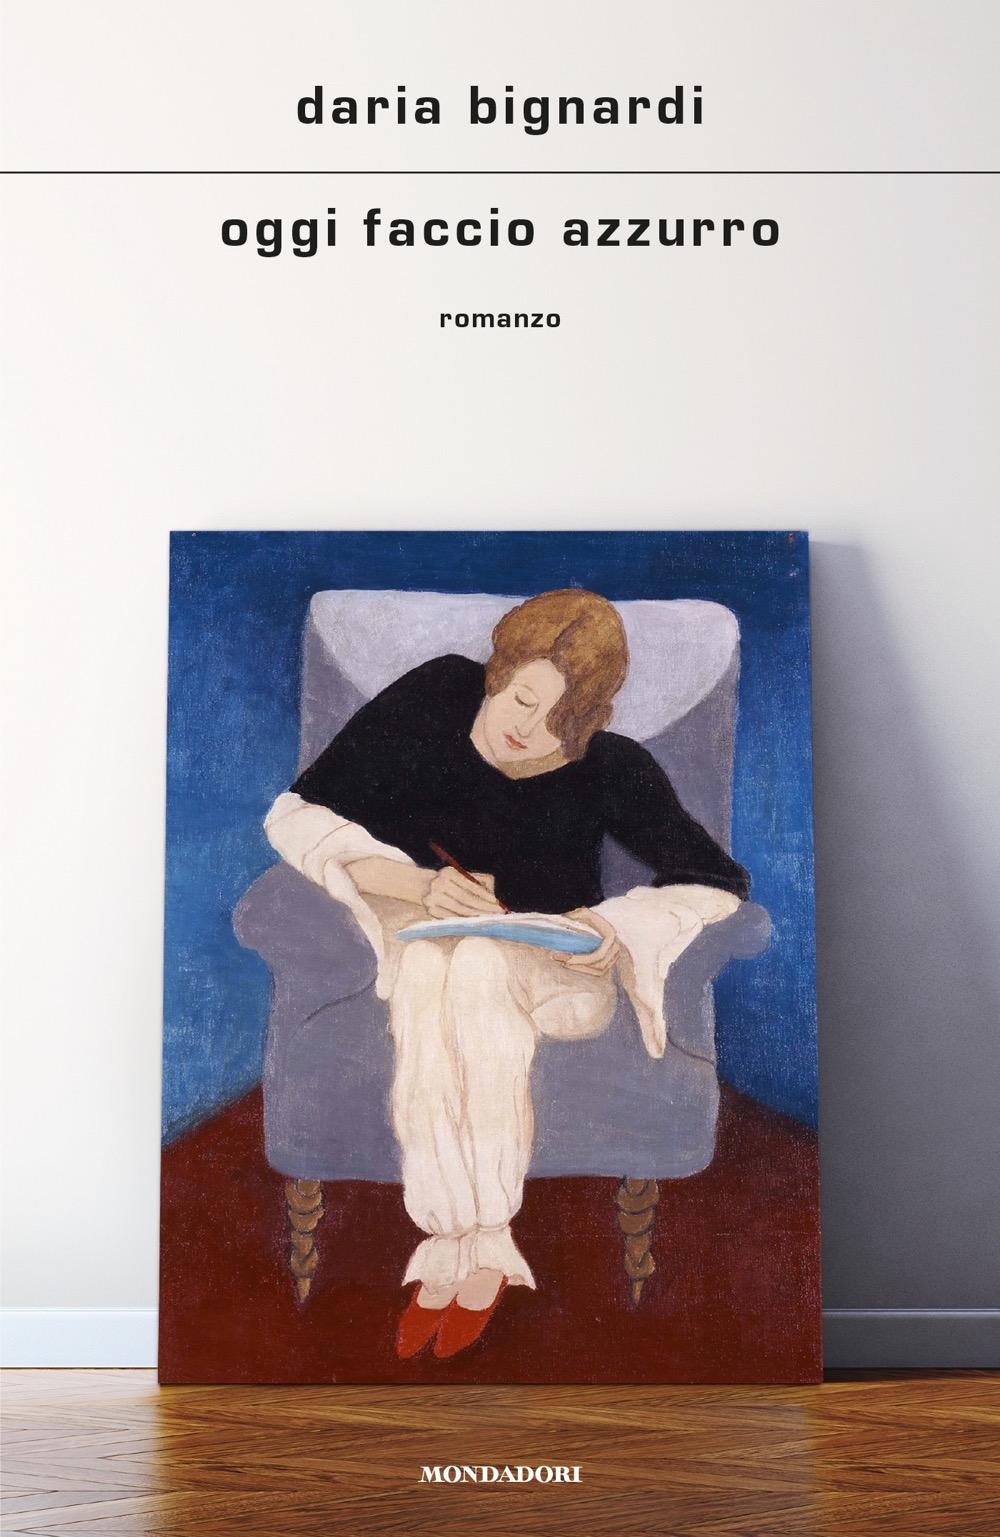 Copertina di Oggi faccio azzurro di Daria Bignardi